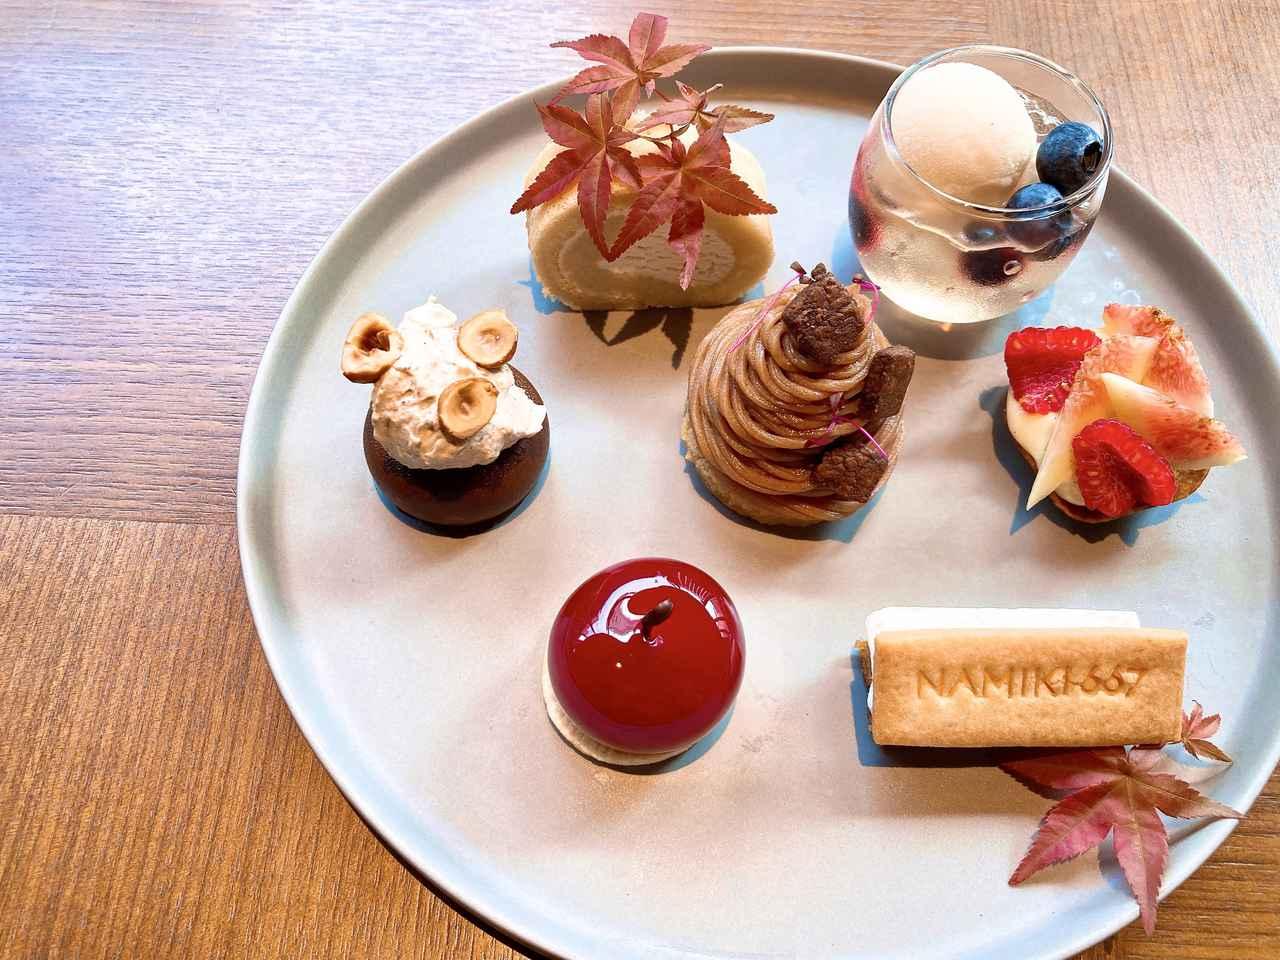 画像1: 美食の秋を堪能する6種のヴィーガンケーキたち